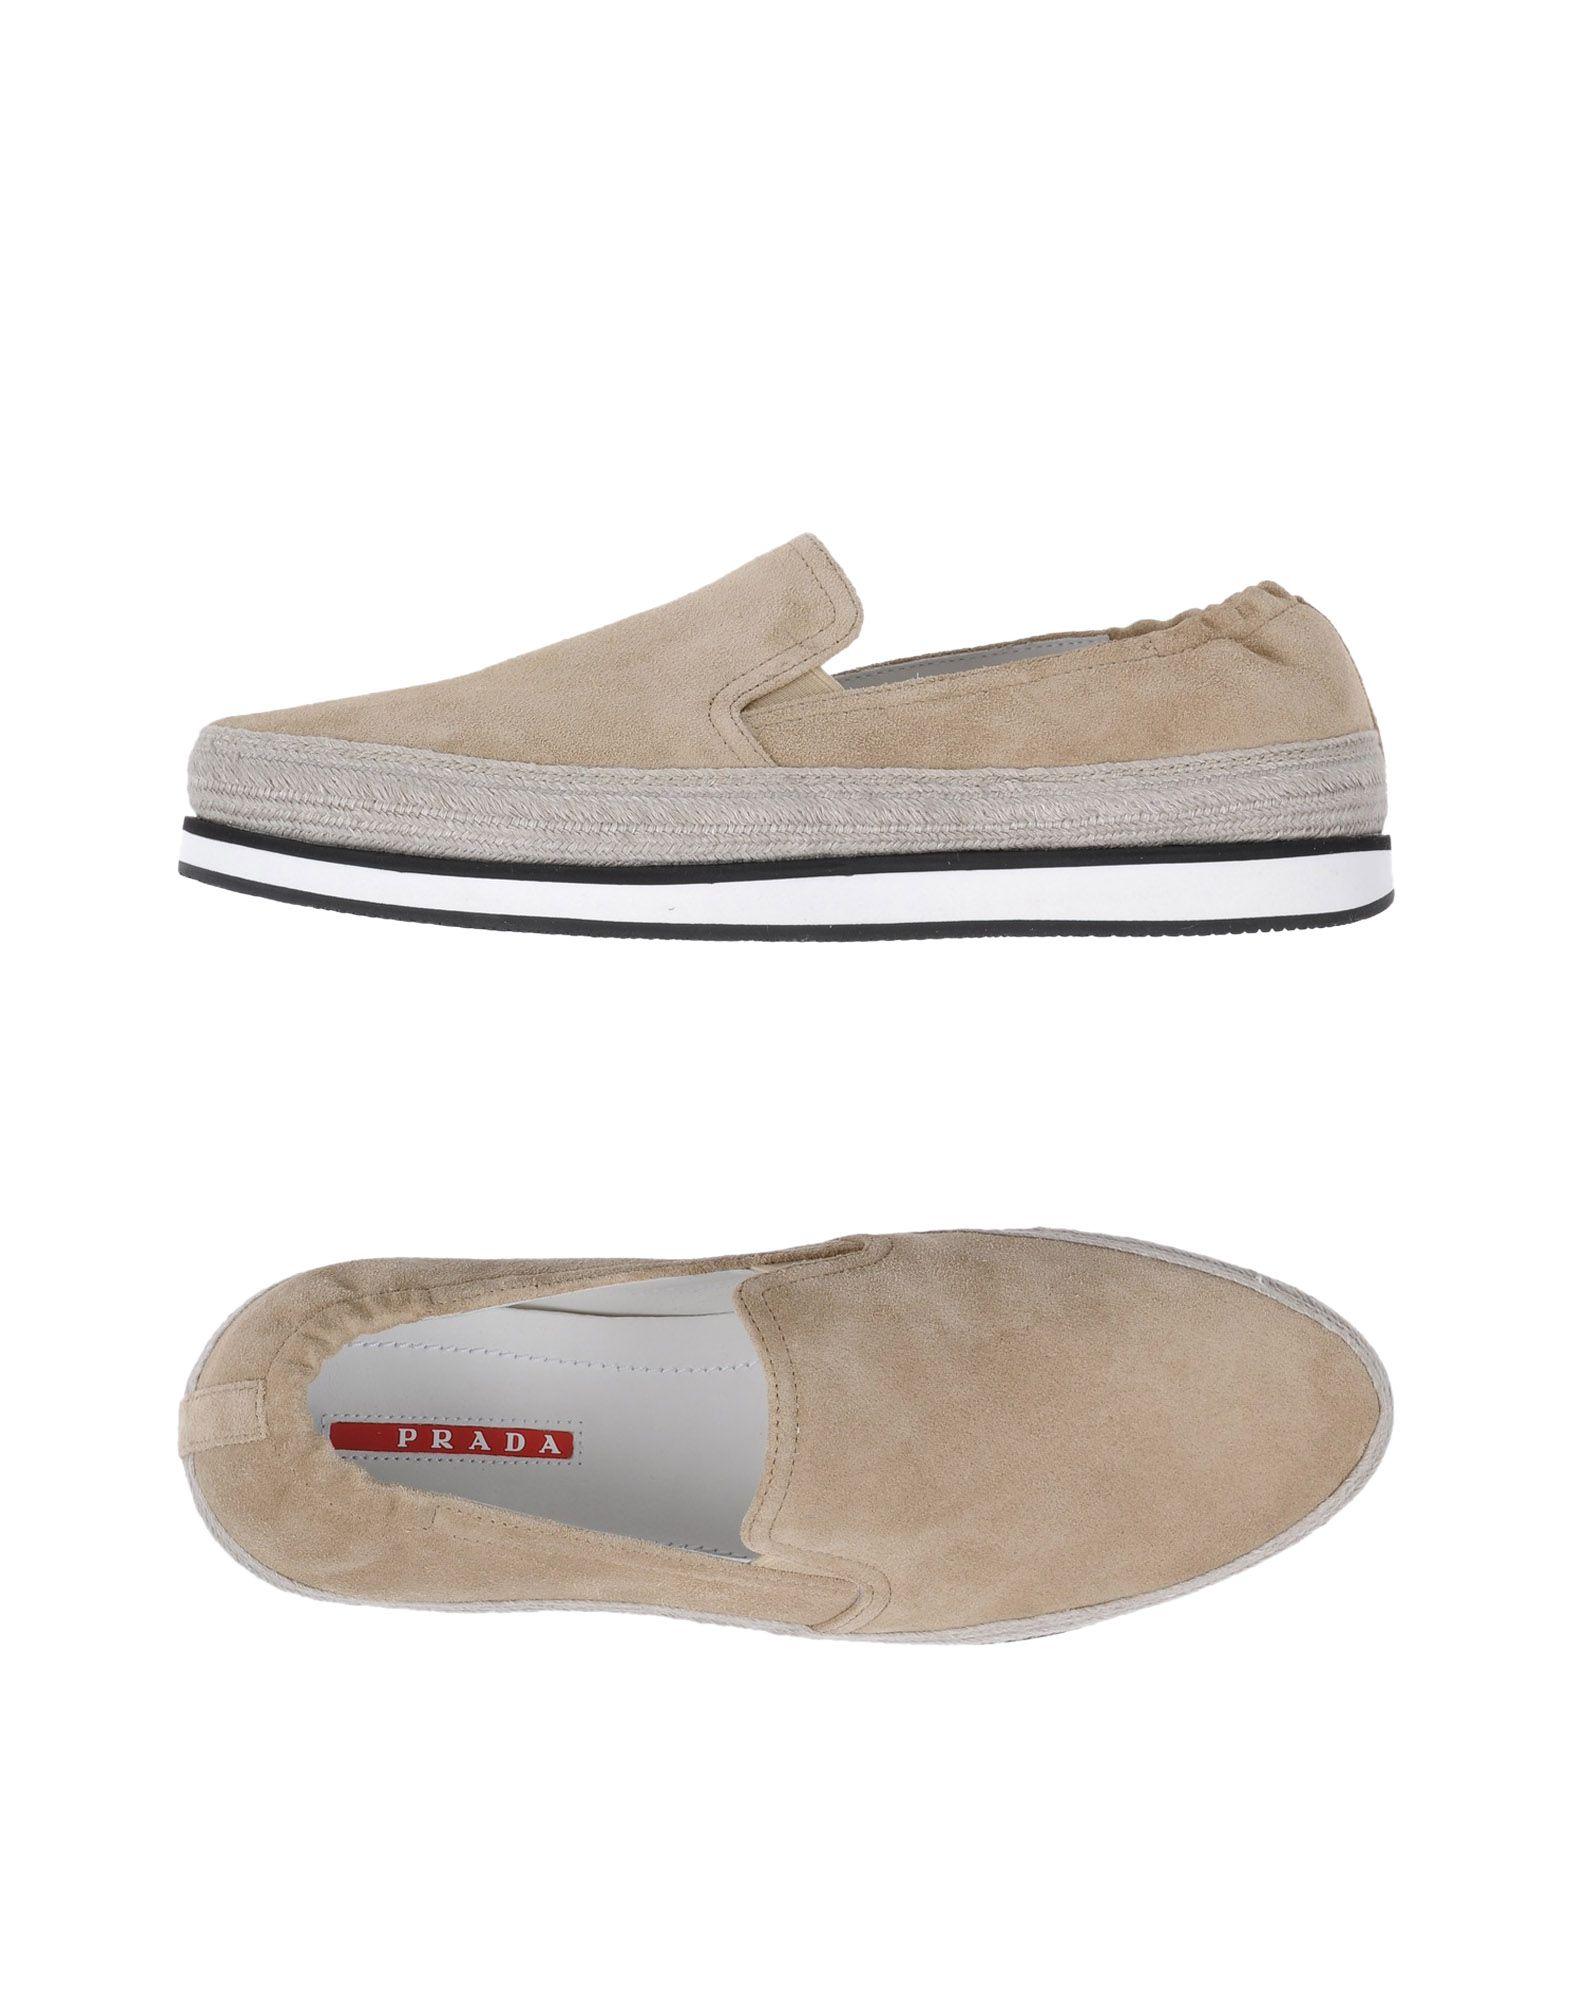 PRADA LINEA ROSSA Low-tops & sneakers - Item 11314572